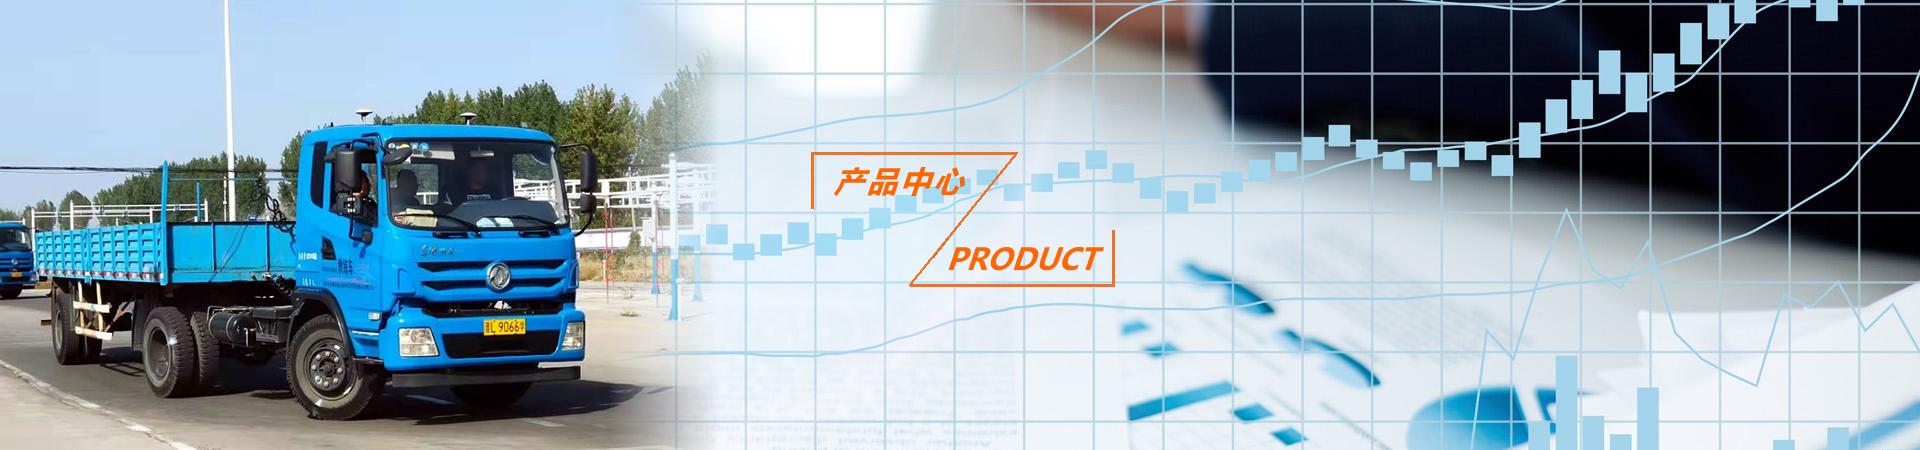 http://www.jplm.com.cn/data/upload/202102/20210218115407_131.jpg